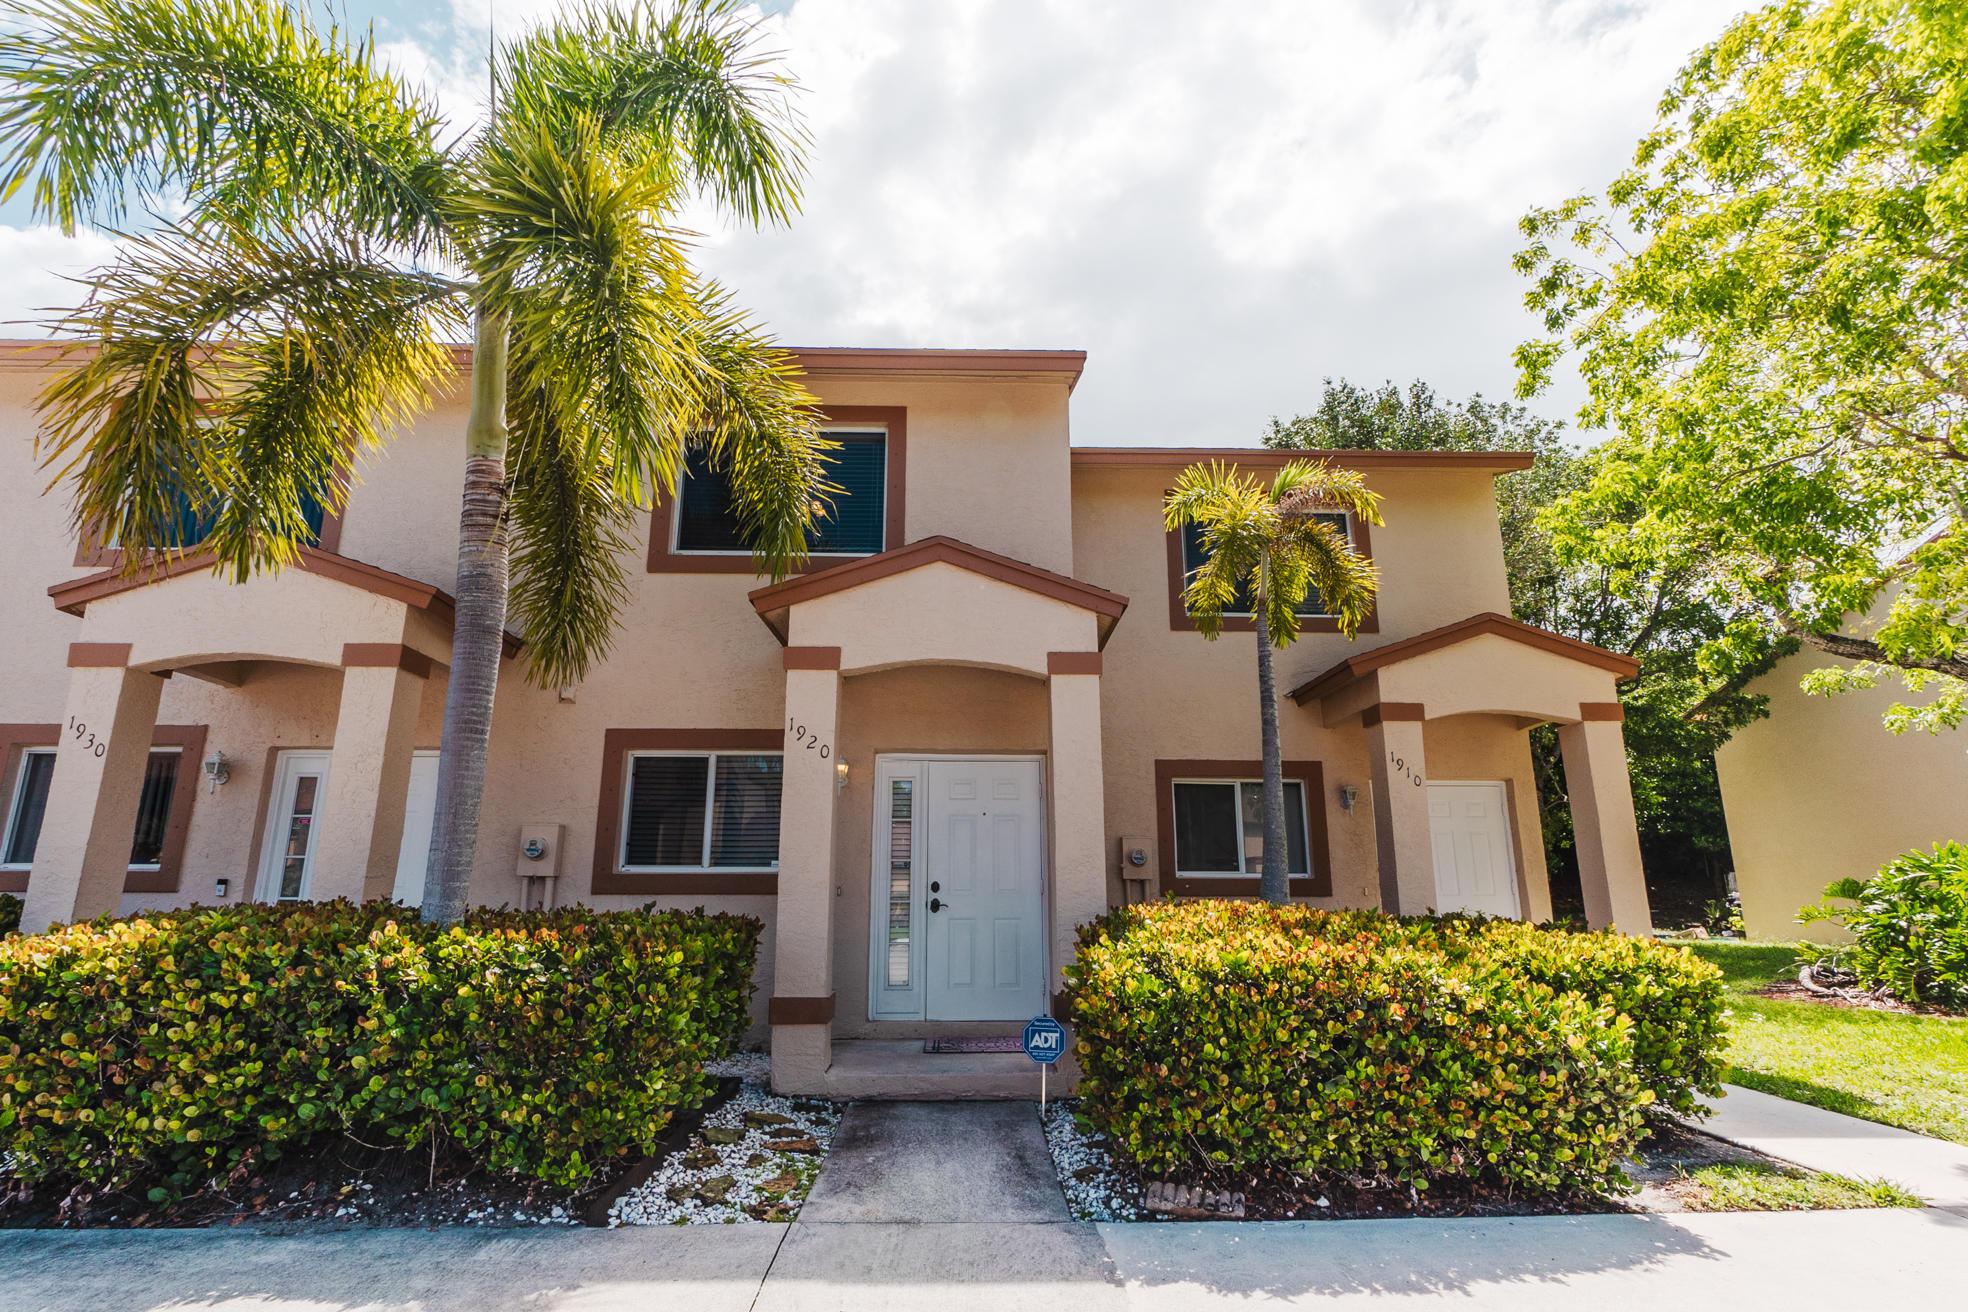 1920 Lakeview Drive Royal Palm Beach, FL 33411